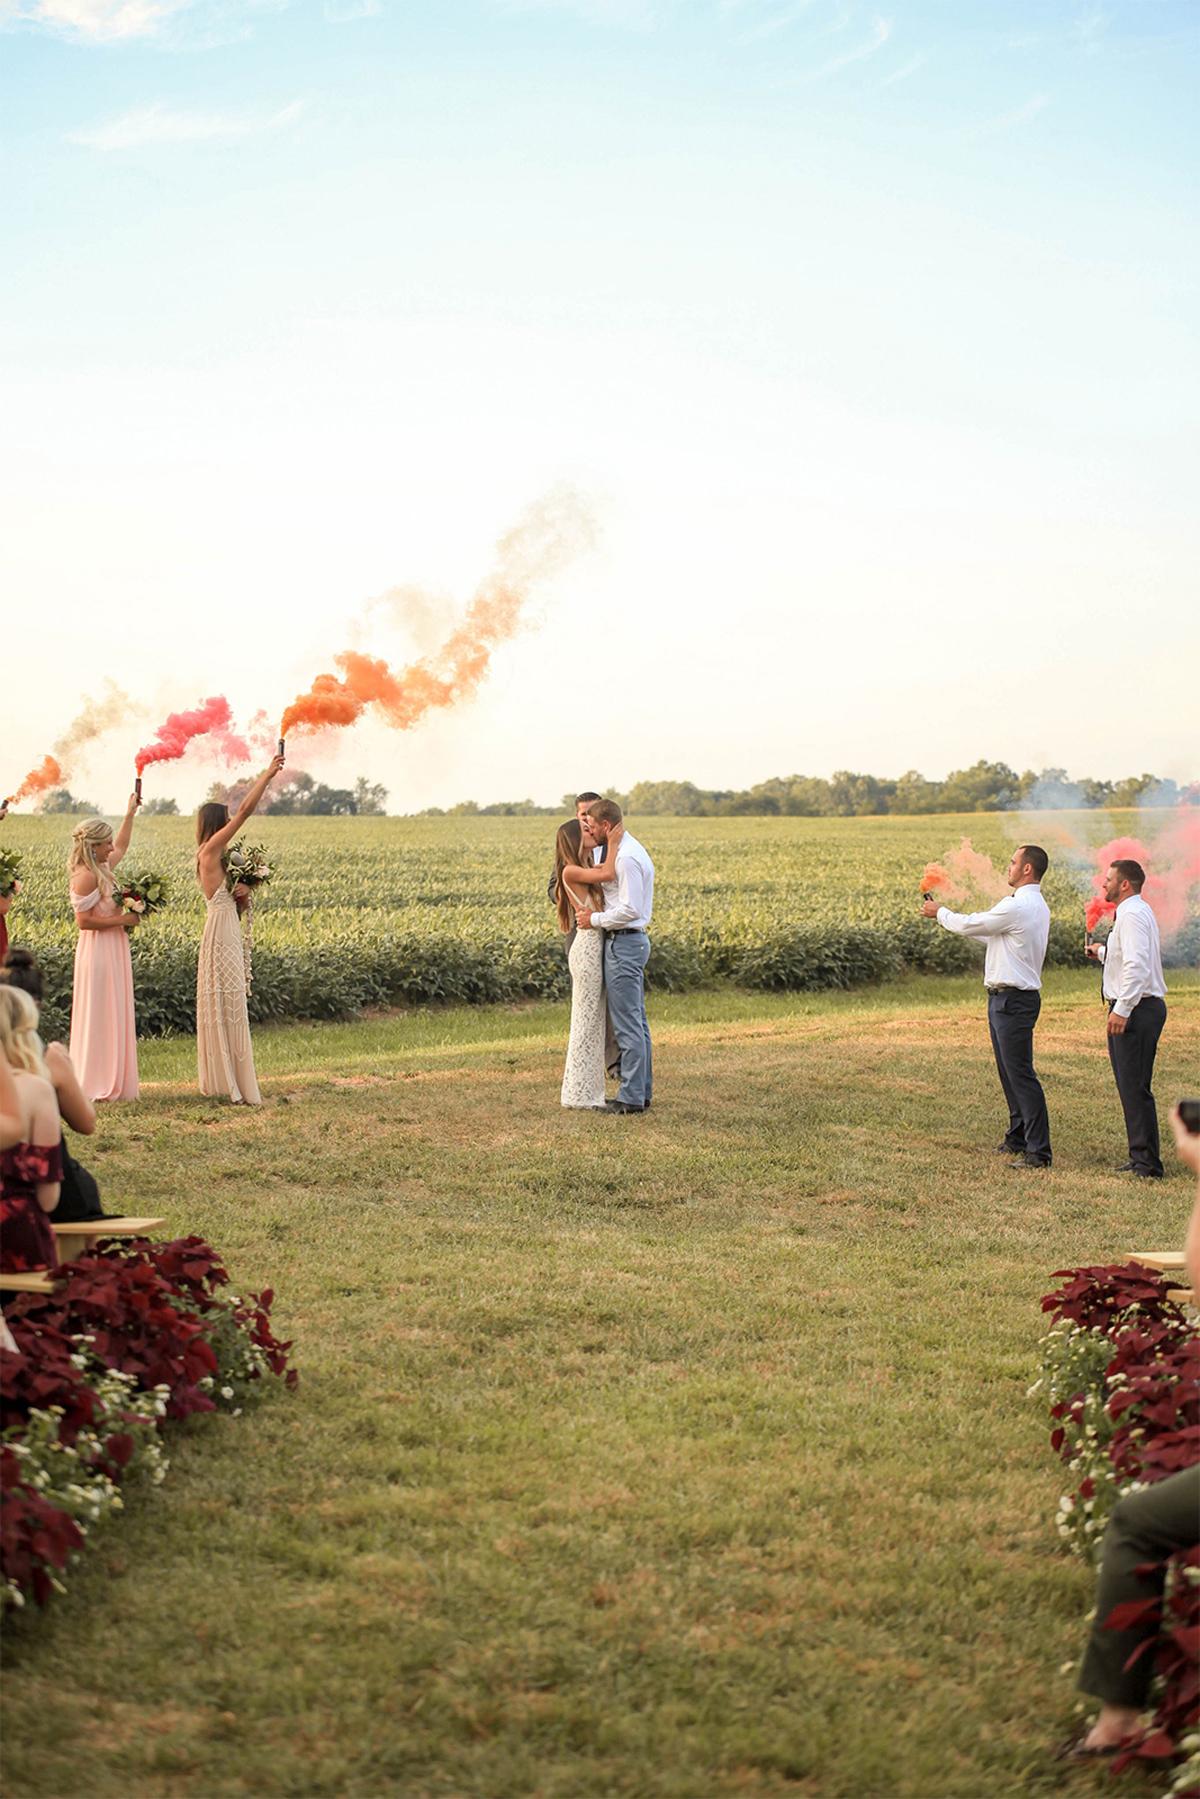 Cuando-utilizar-humo-de-colores-en-bodas-02